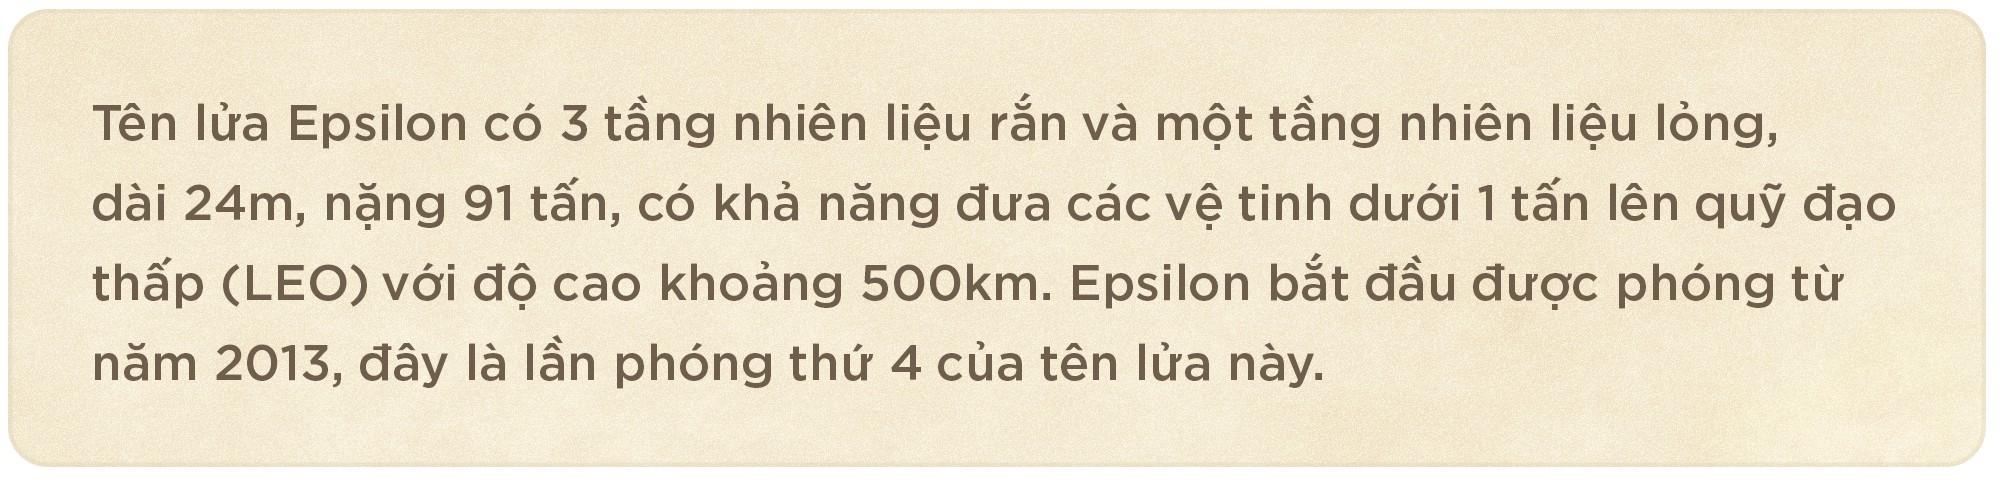 Phóng vệ tinh đầu tiên Việt Nam chế tạo: Ước mơ vươn tới bầu trời - Ảnh 1.